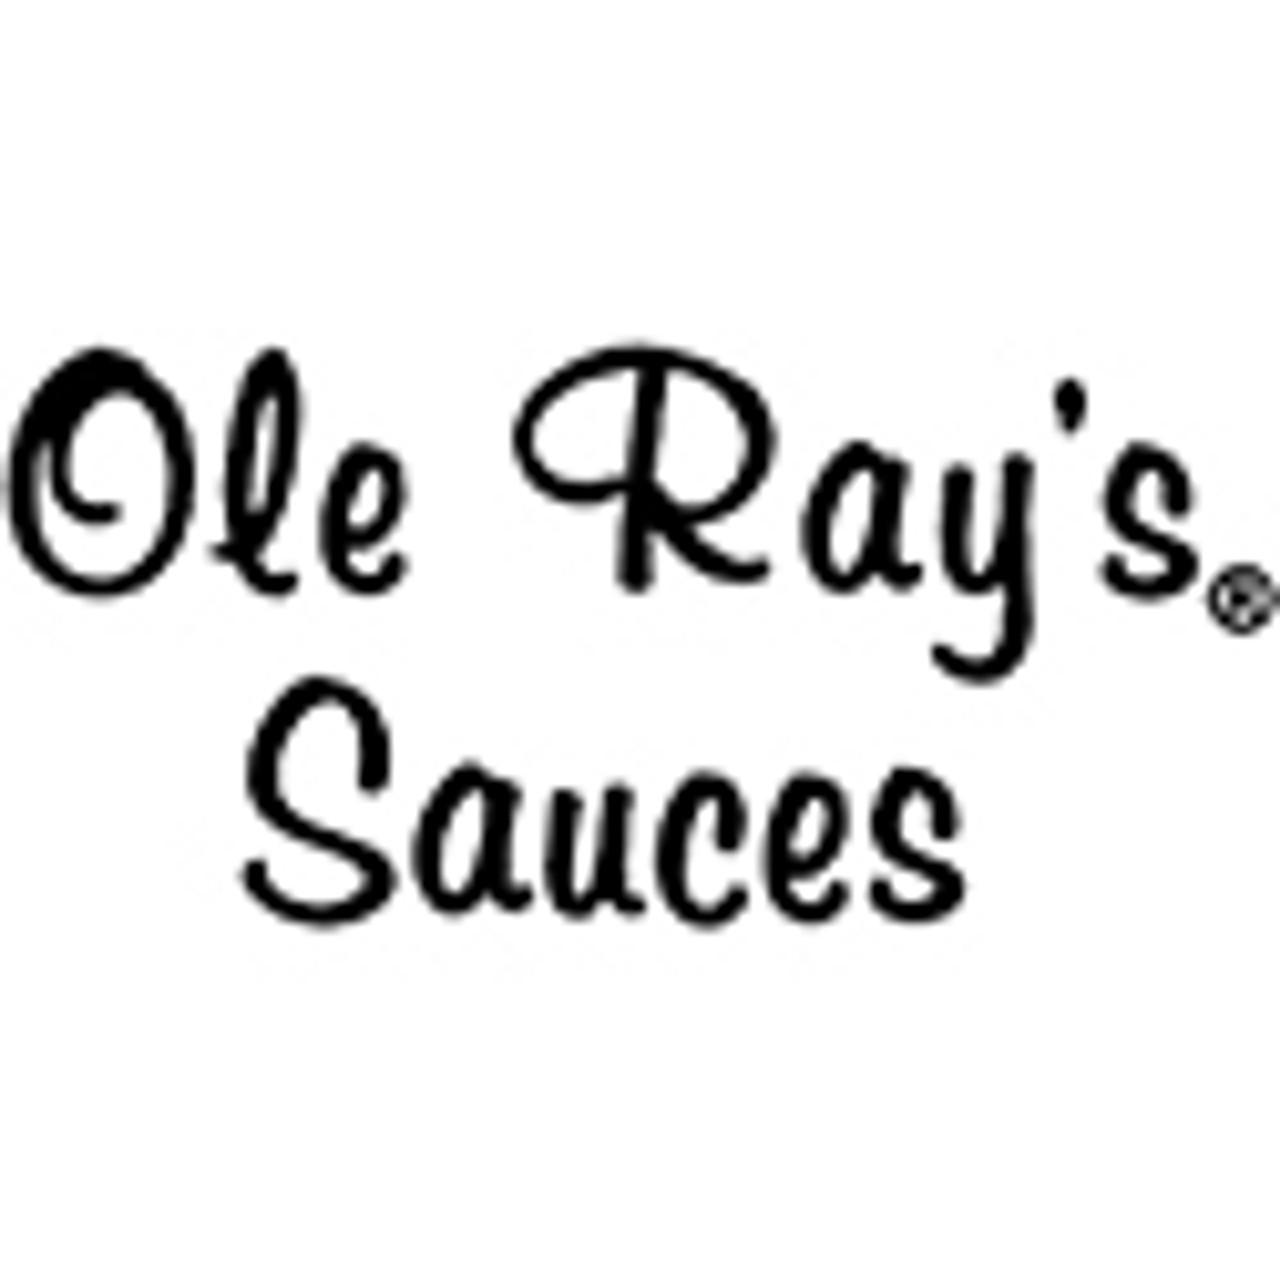 Ole Ray's